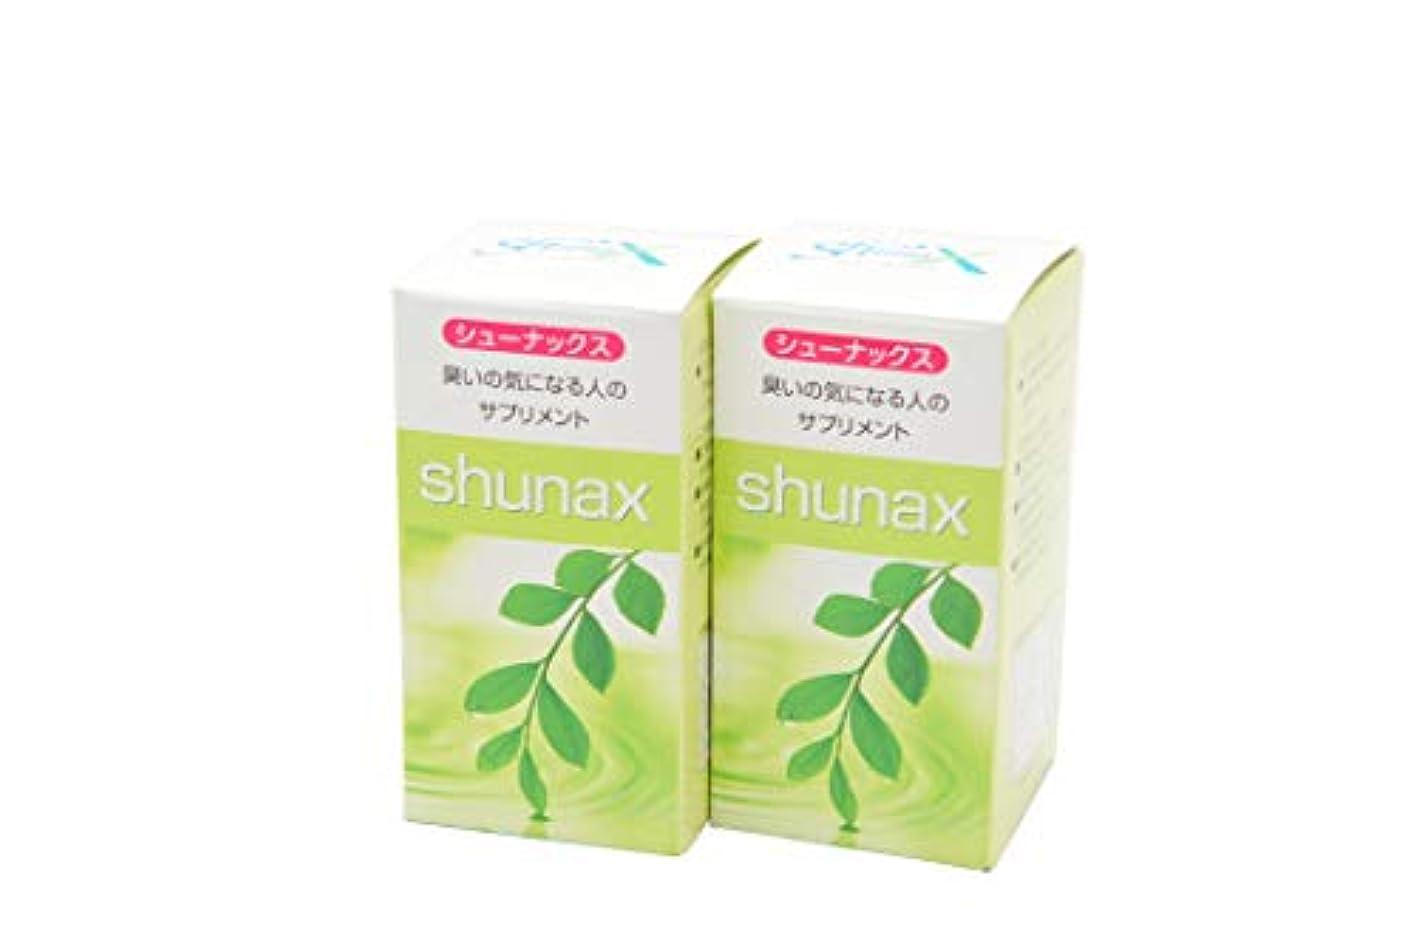 適格直感利点シューナックス 2個セット 口臭、体臭、加齢臭対策の消臭サプリメント。エチケット?デート?介護時のニオイに。【shunax】1箱30日分x2個セット